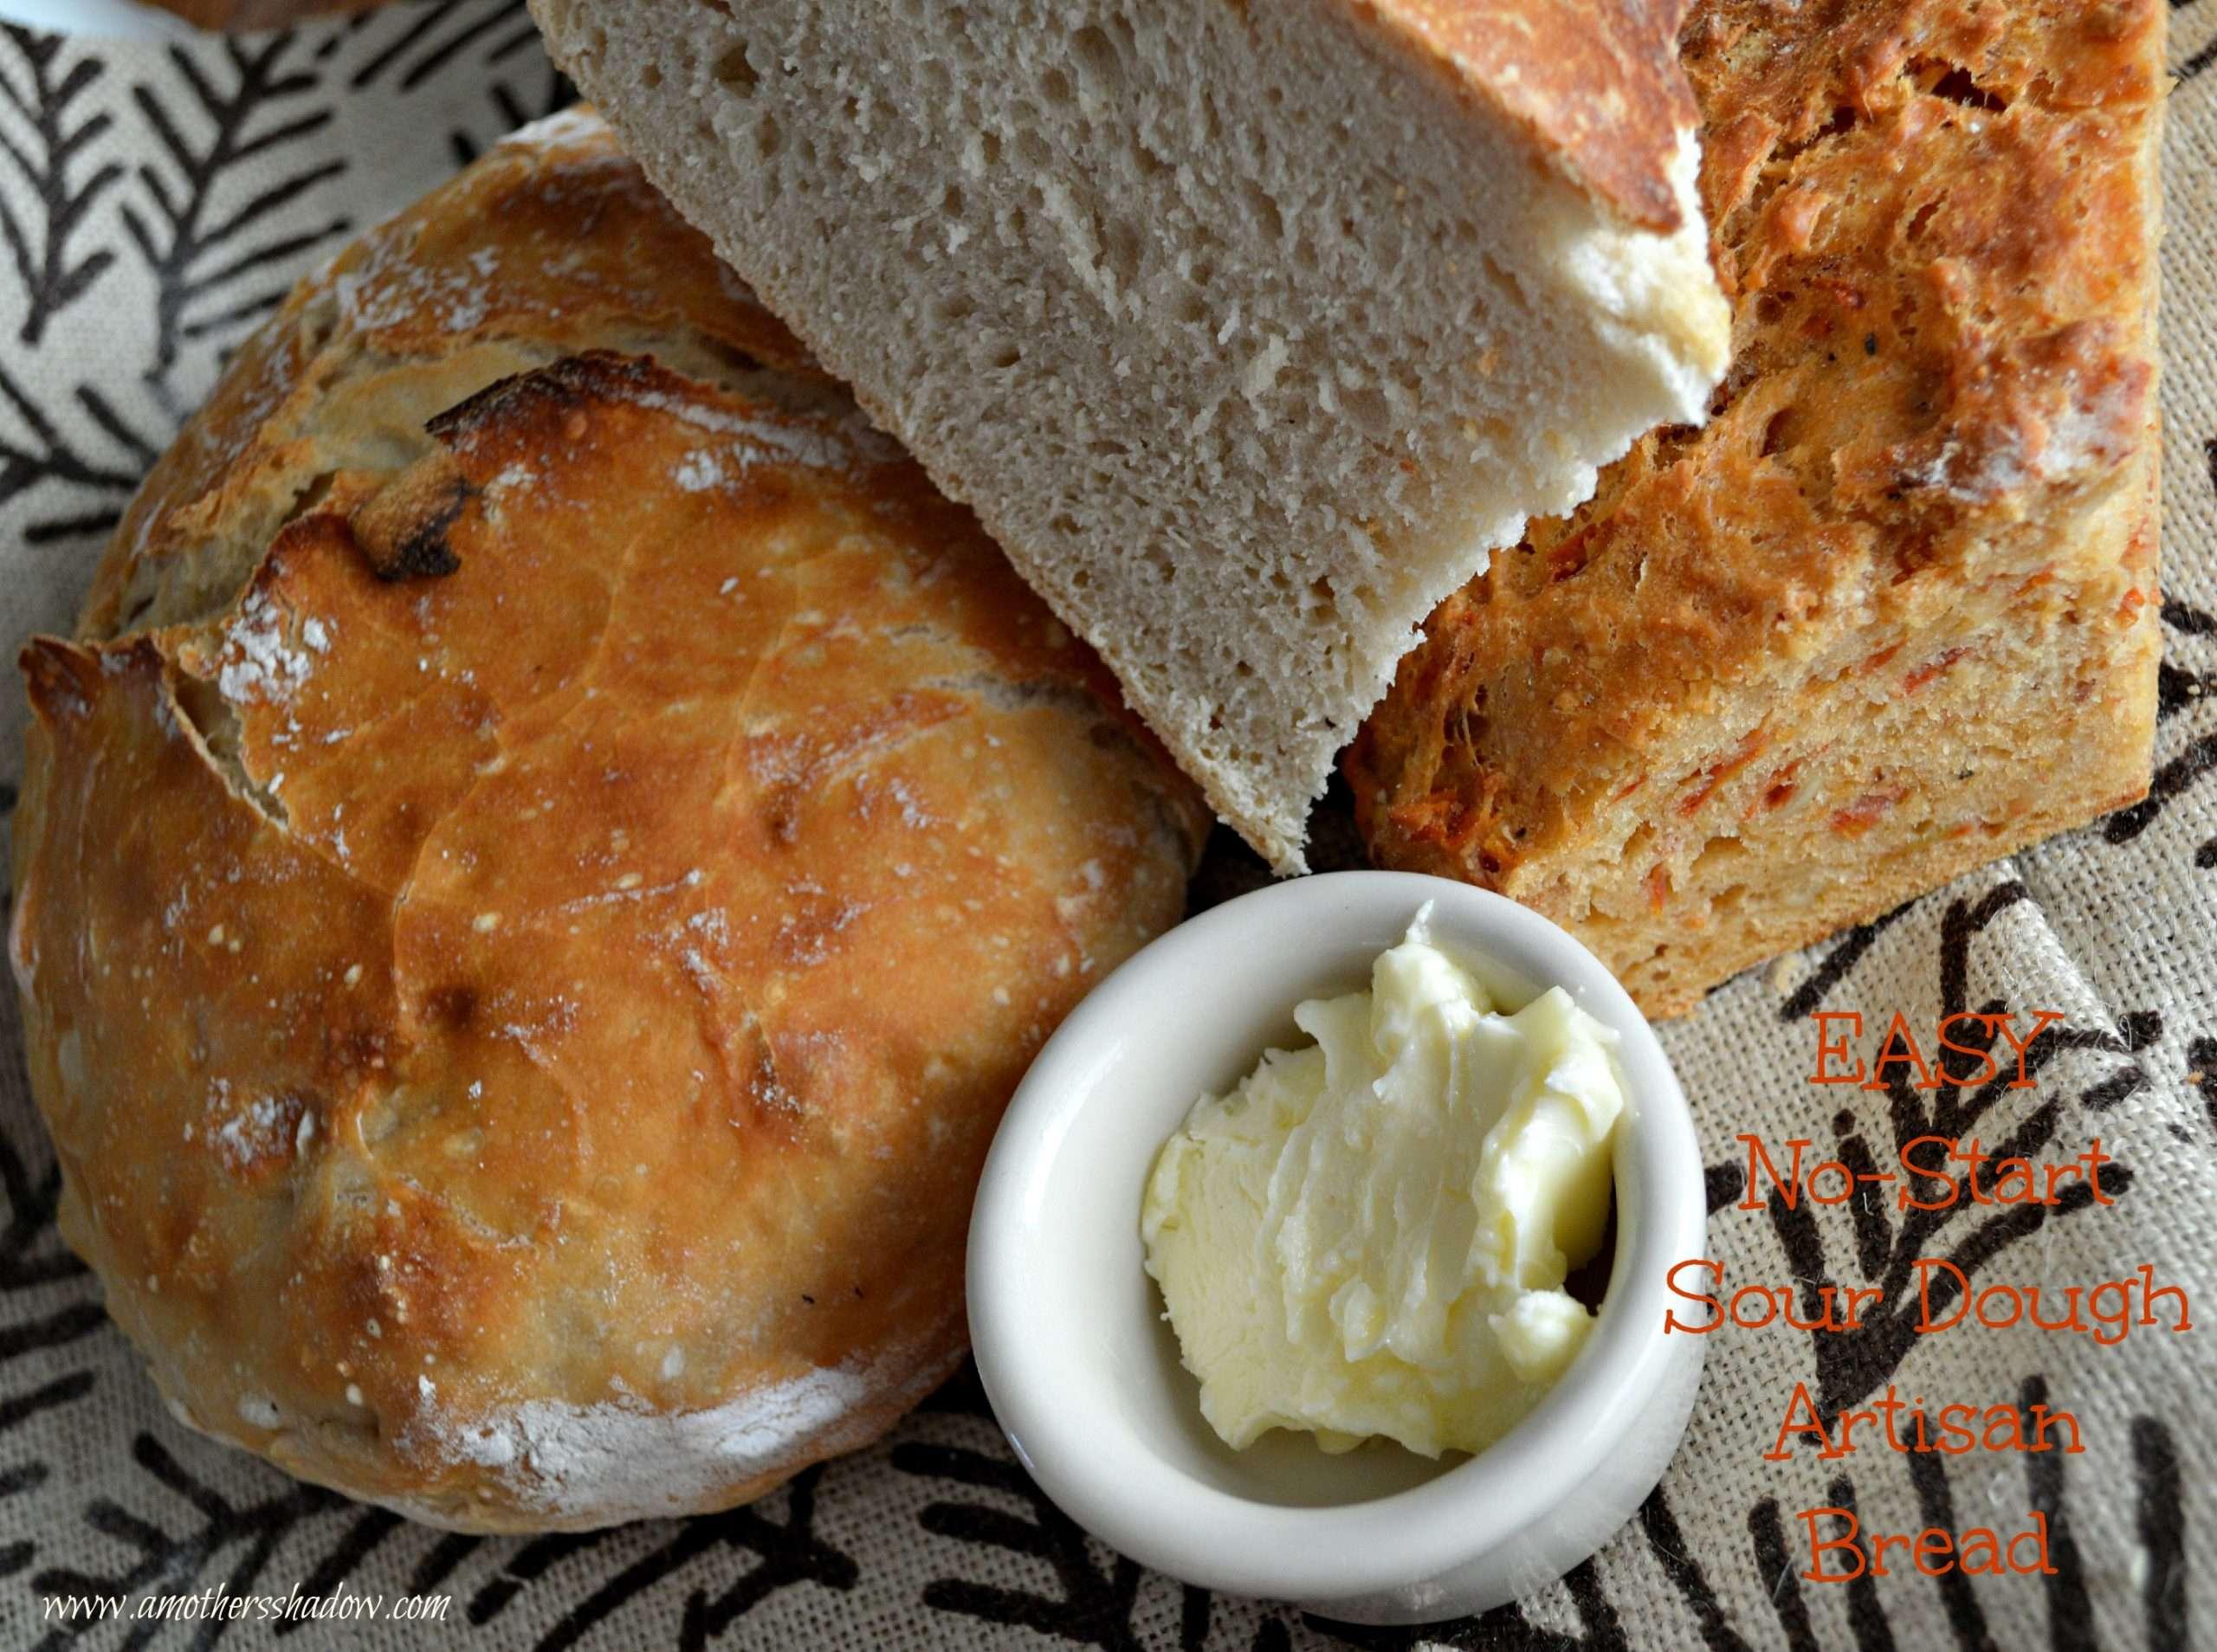 EASY No Start Needed Sour Dough Artisan Bread